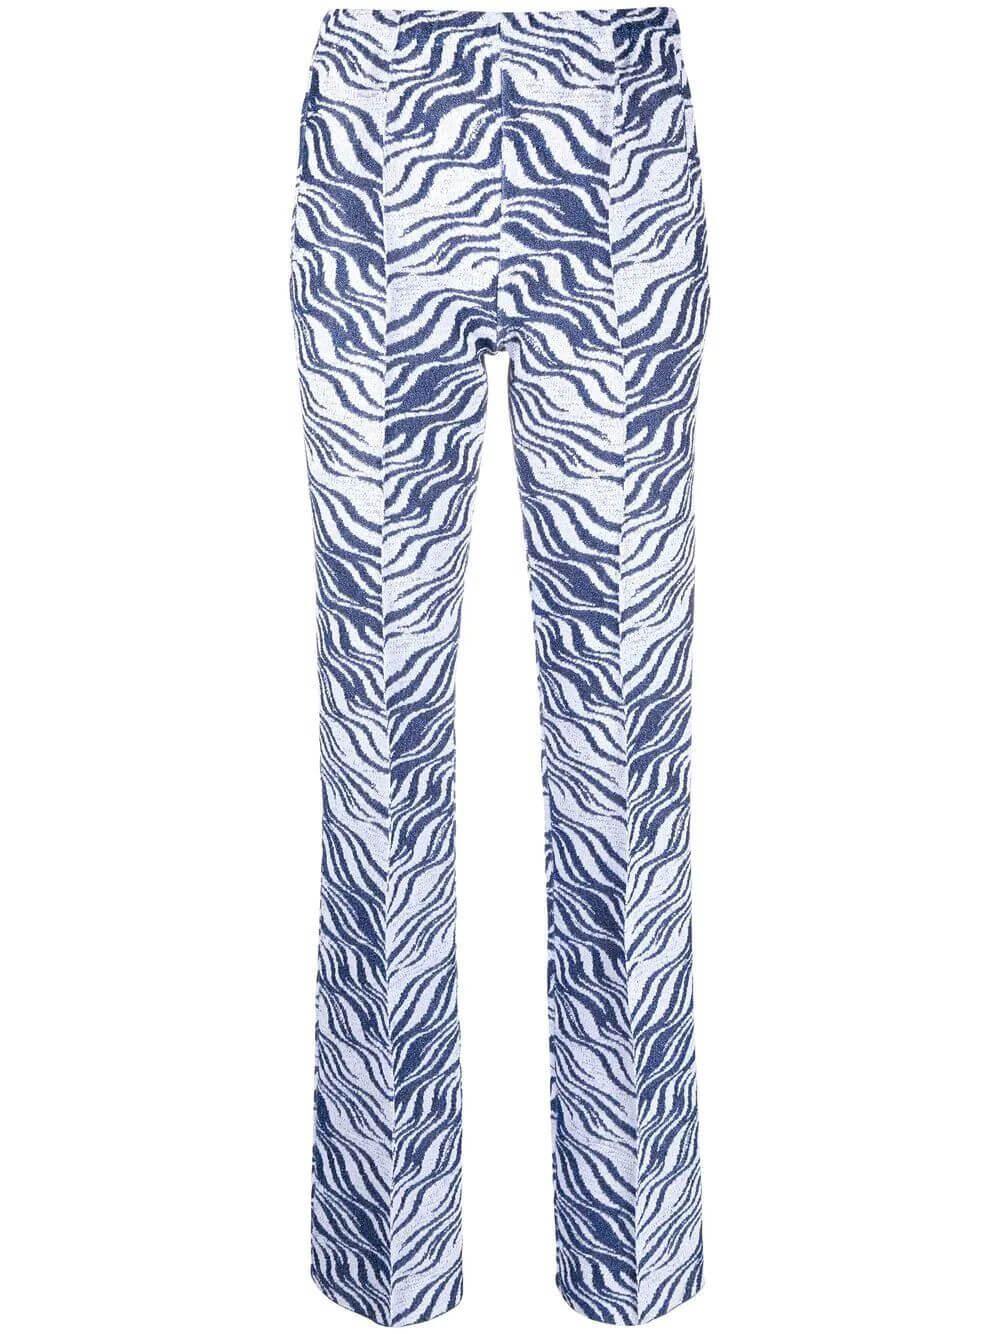 Tiger Print Pant